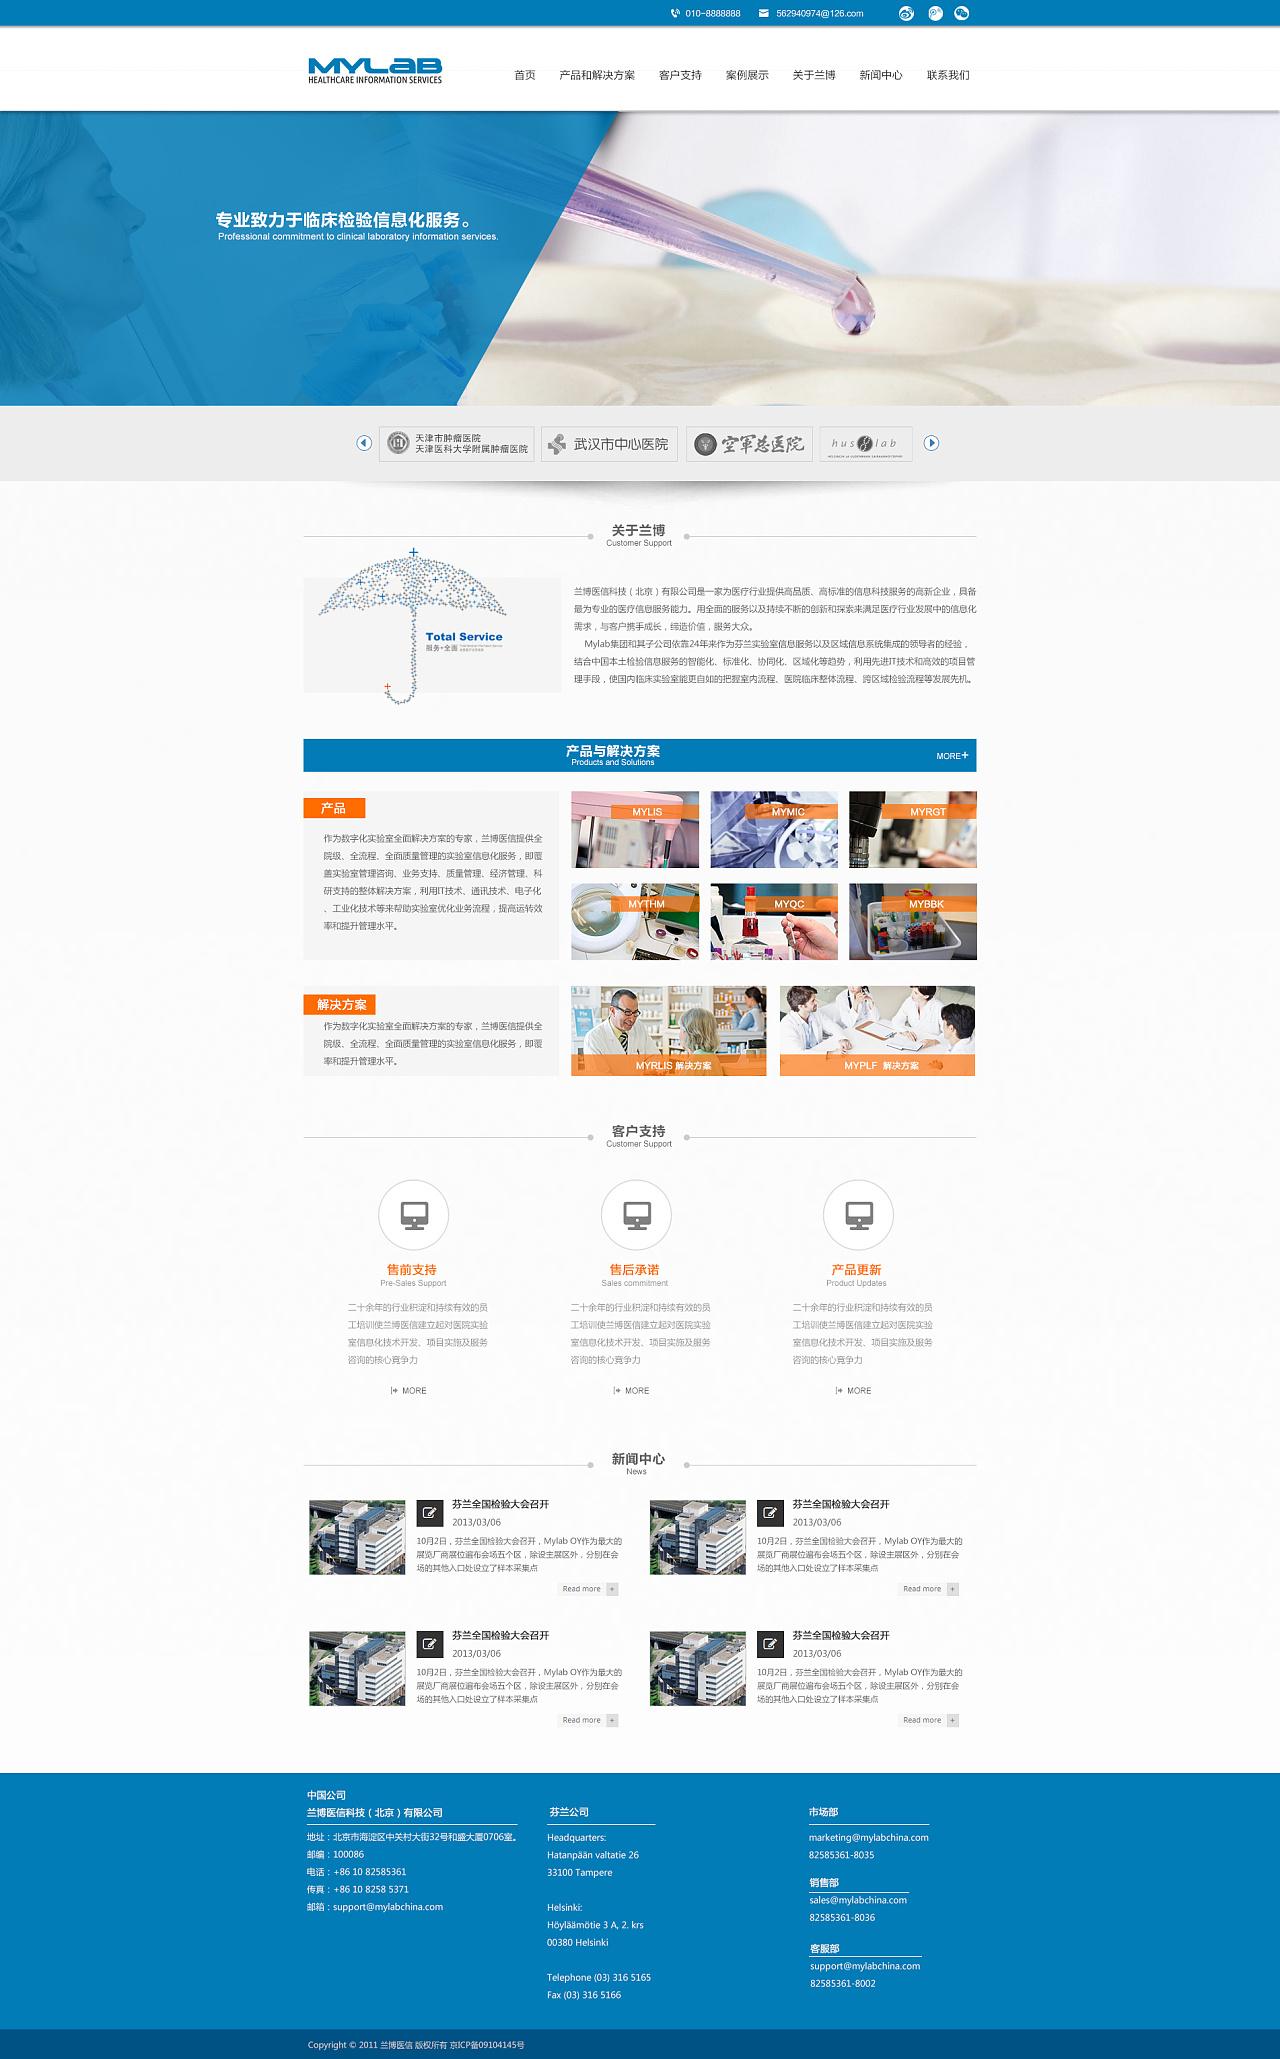 兰博医信官网 男孩 世界官网 天水别墅-mc我的网页美式企业设计图图片